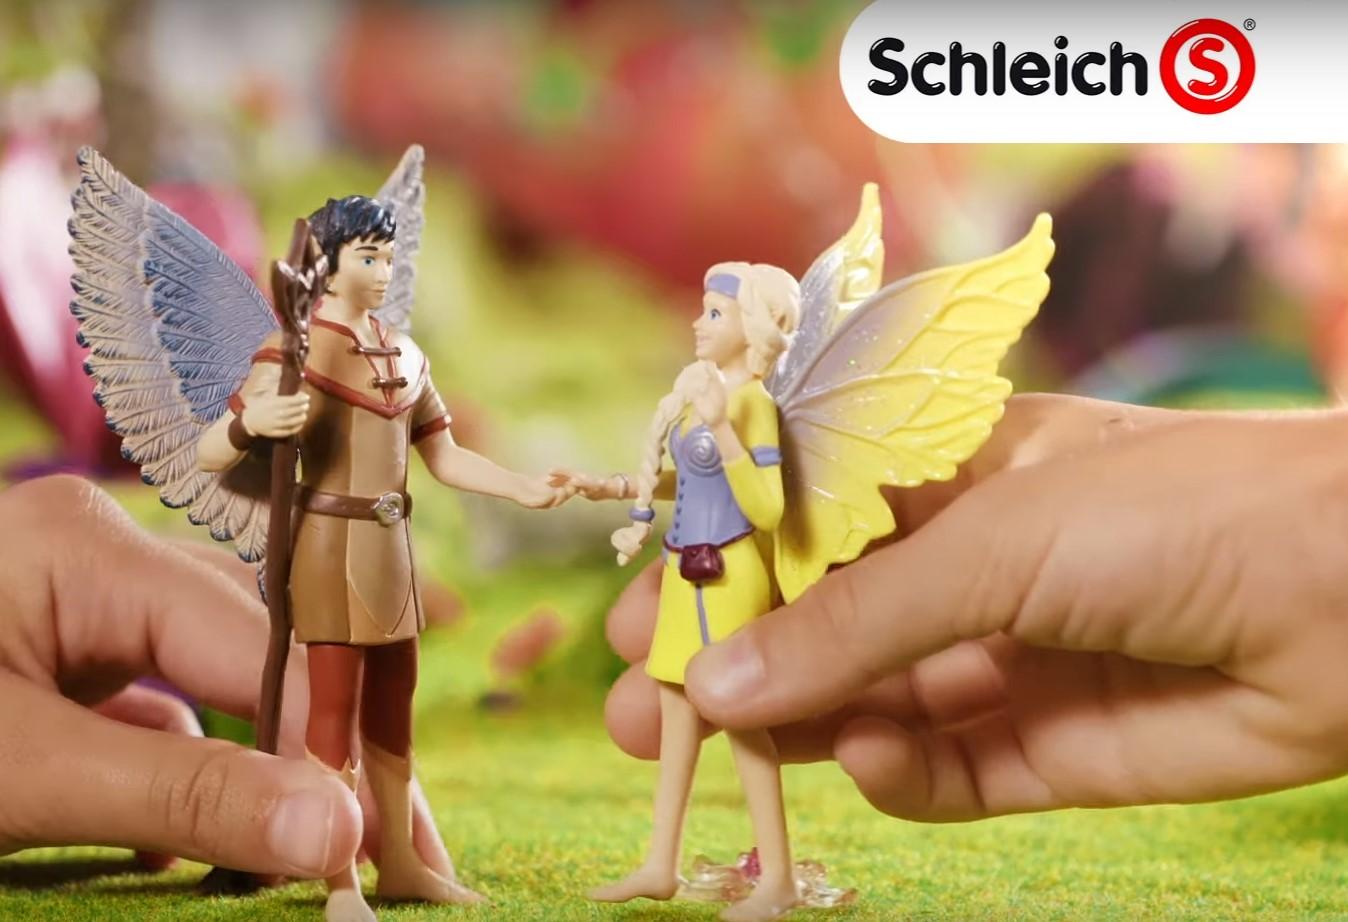 bayala-figurki-schleich-zabawkitotu